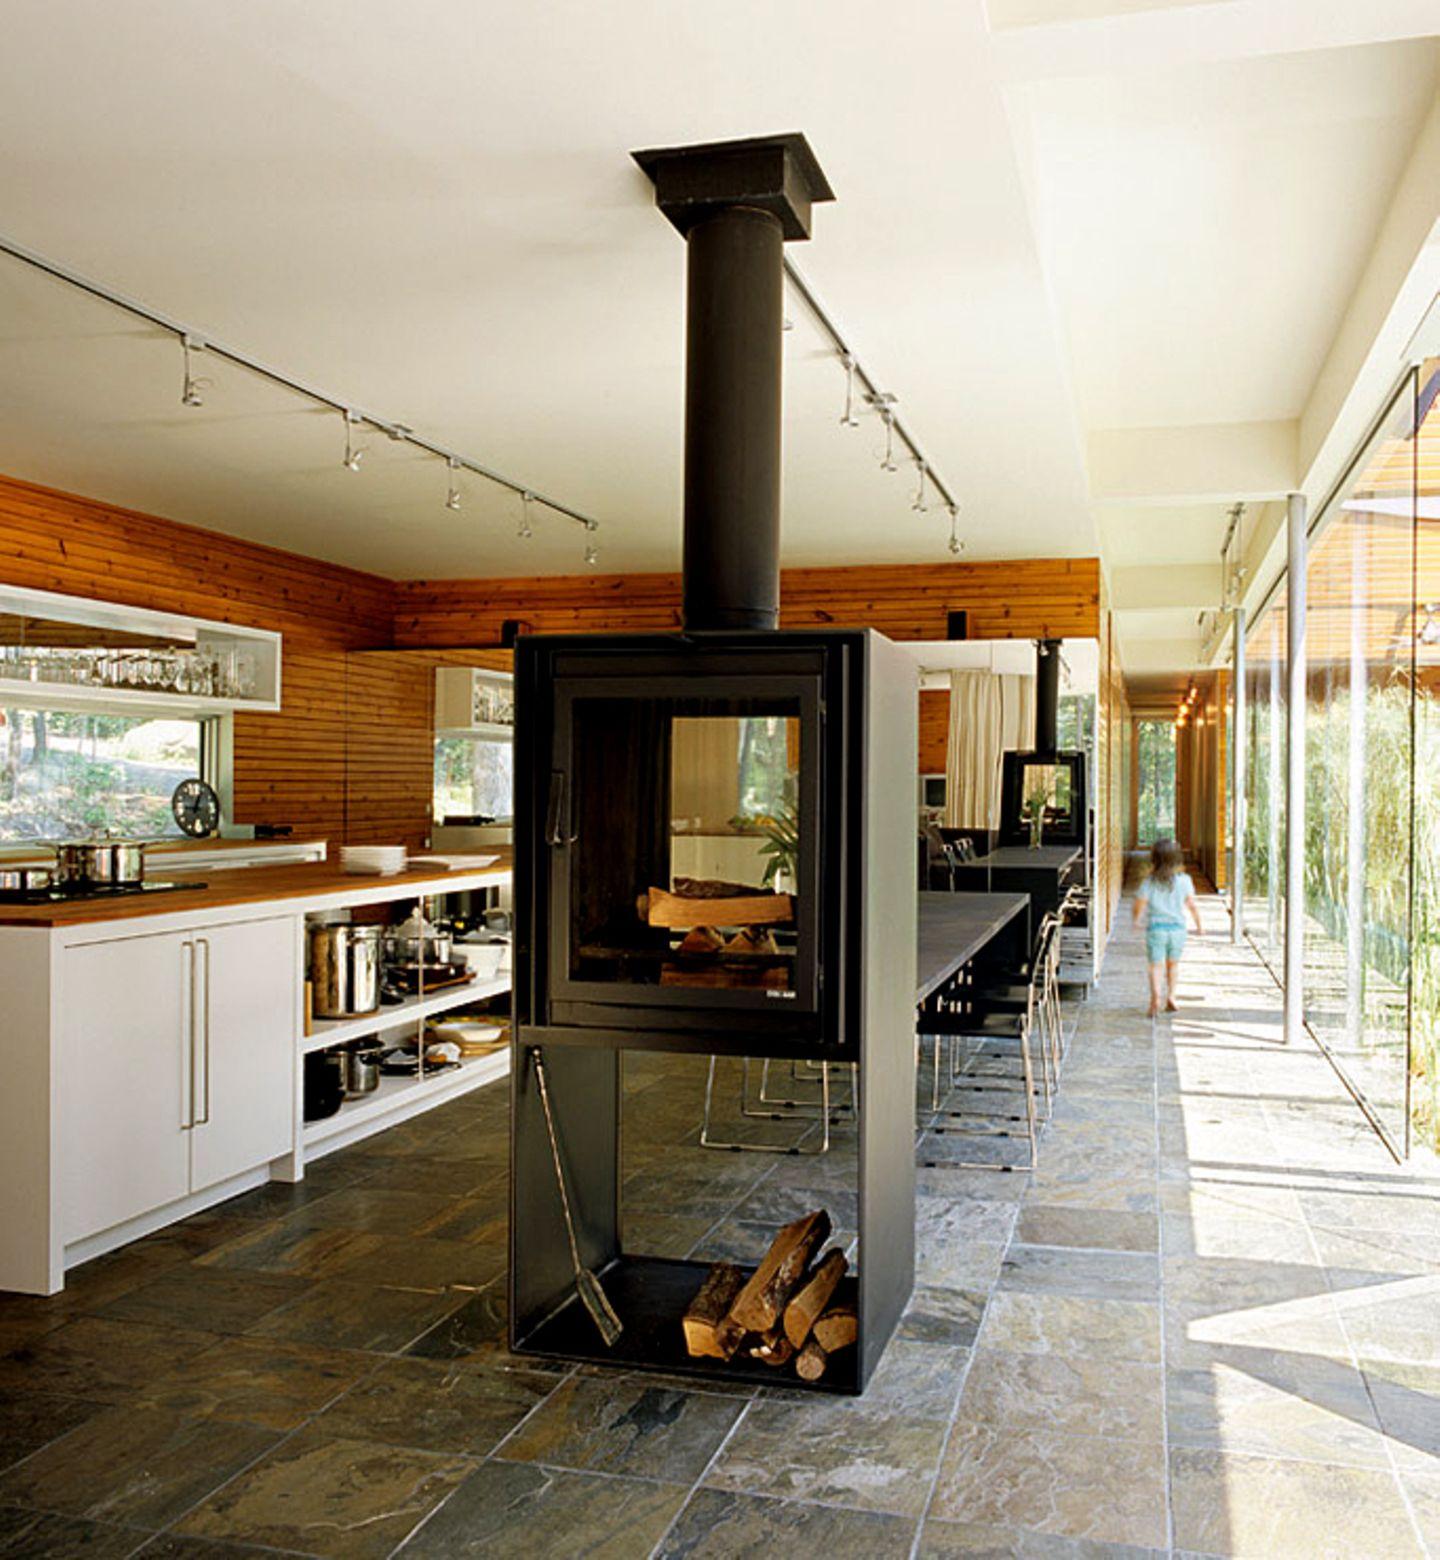 Kamin-Flair in der Küche